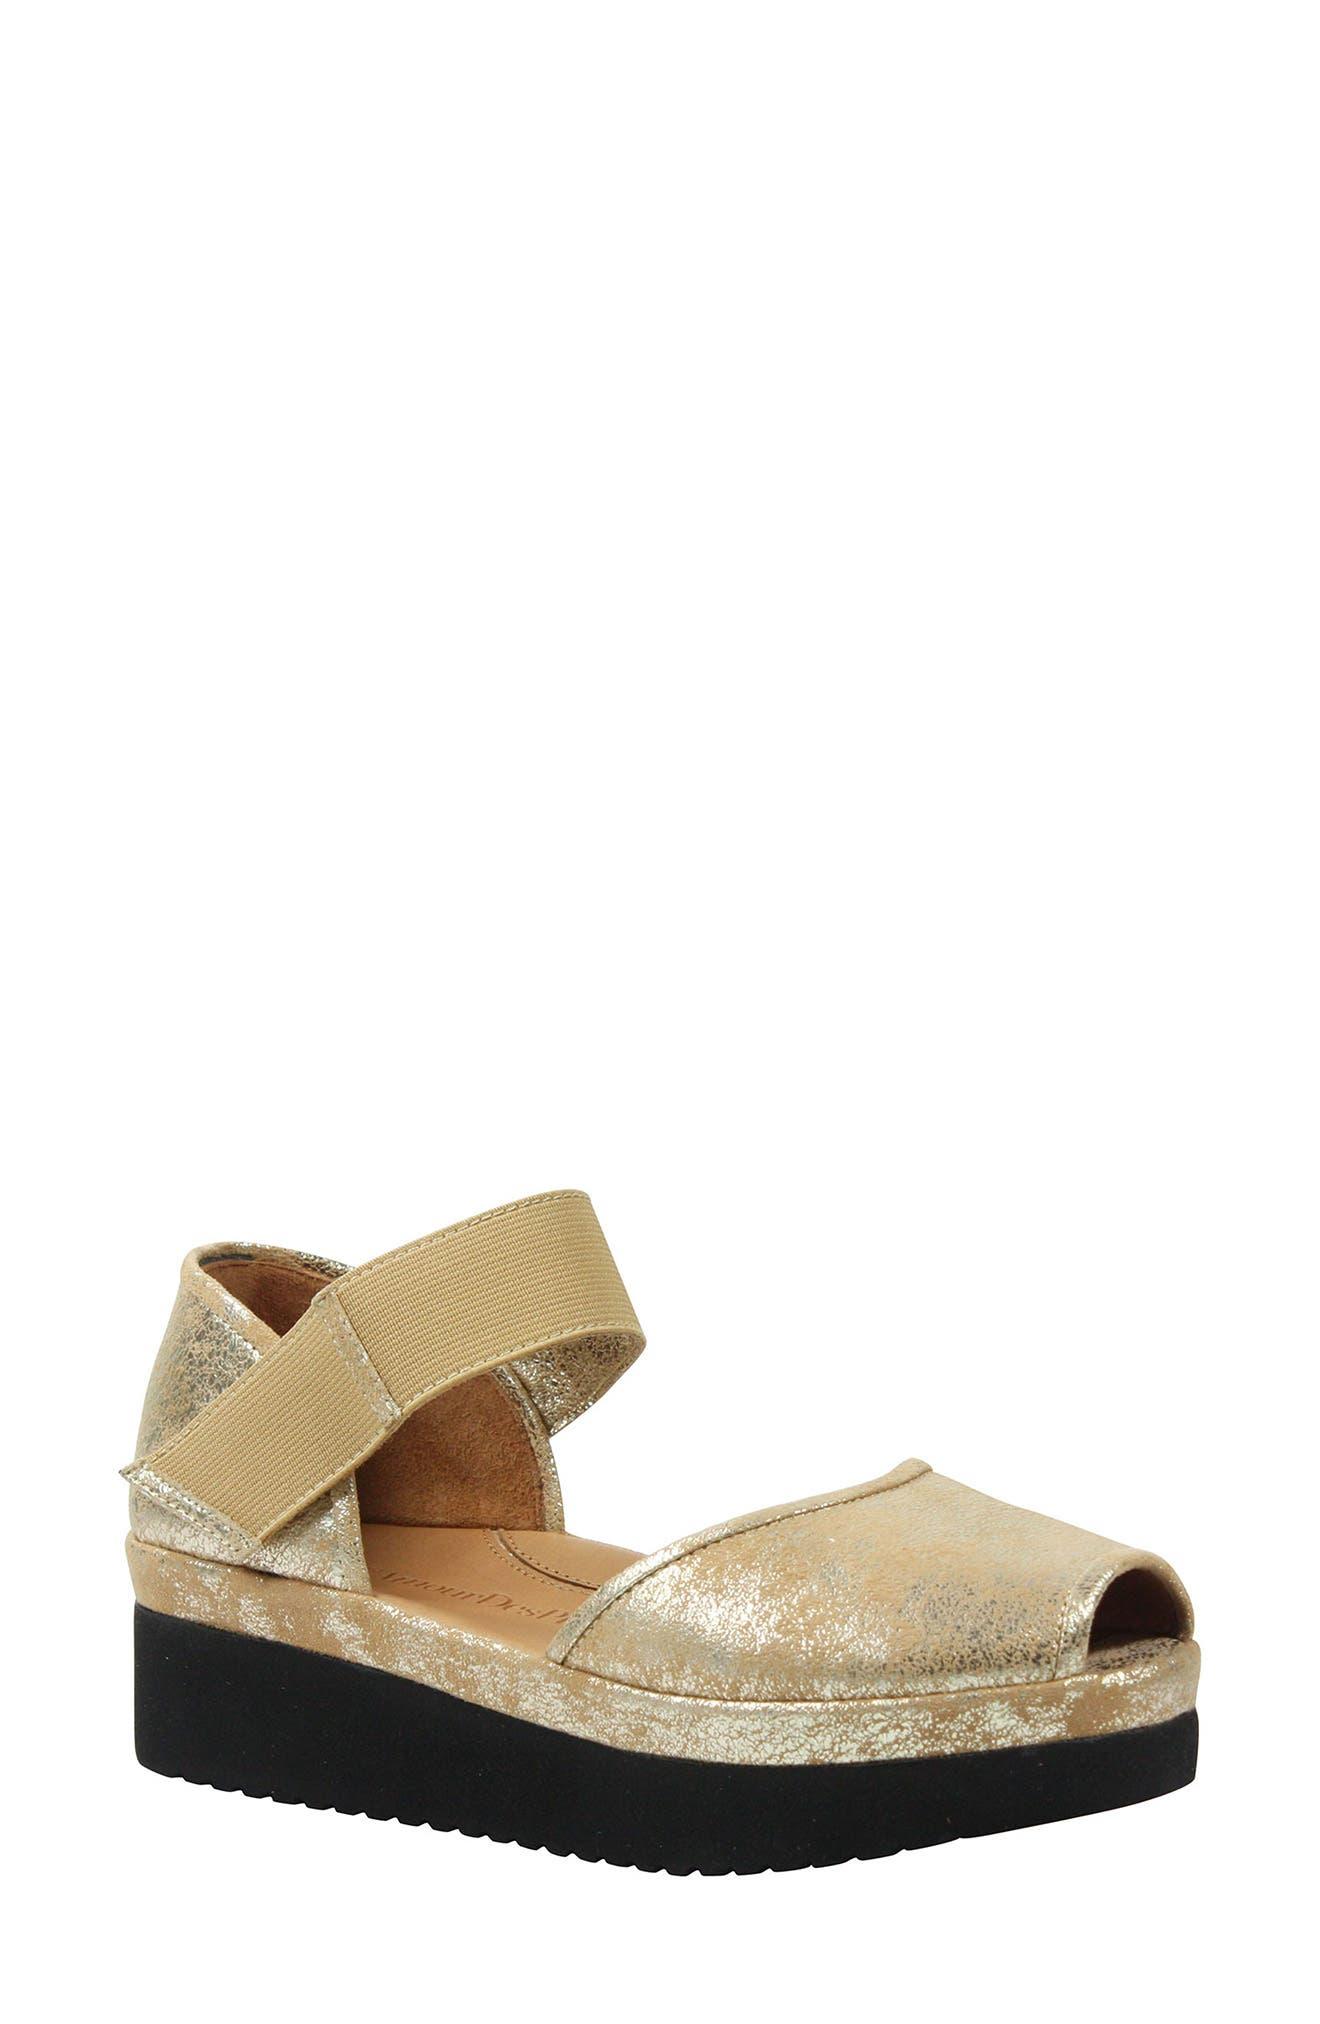 'Amadour' Platform Sandal,                             Main thumbnail 1, color,                             GOLD LEATHER